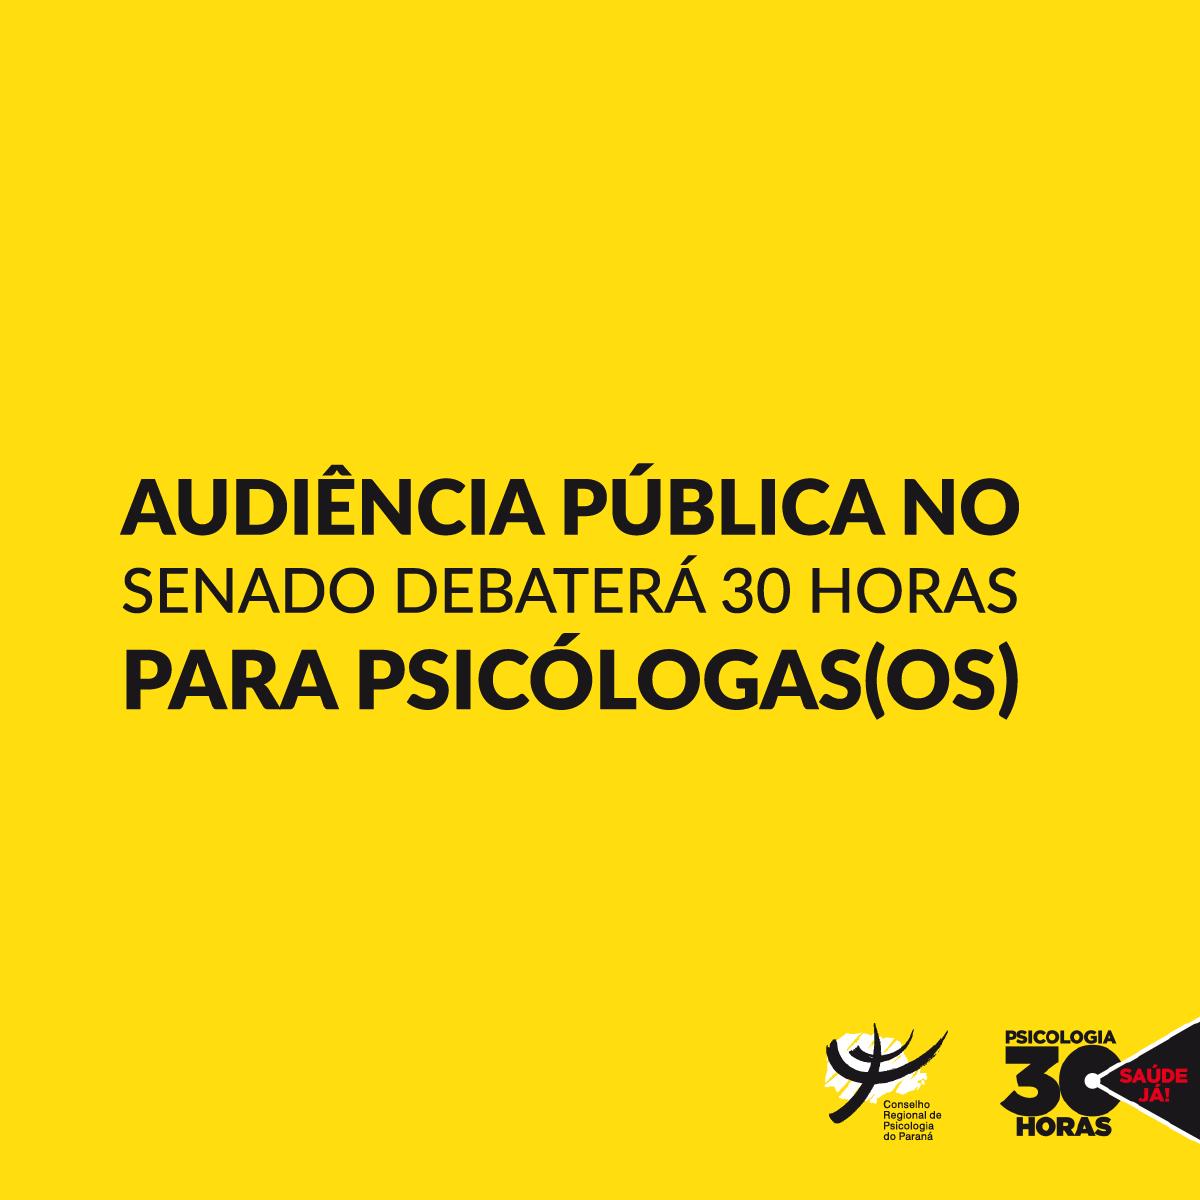 Audiência pública no Senado debaterá 30 horas para Psicólogas(os); vote para apoiar o Projeto de Lei